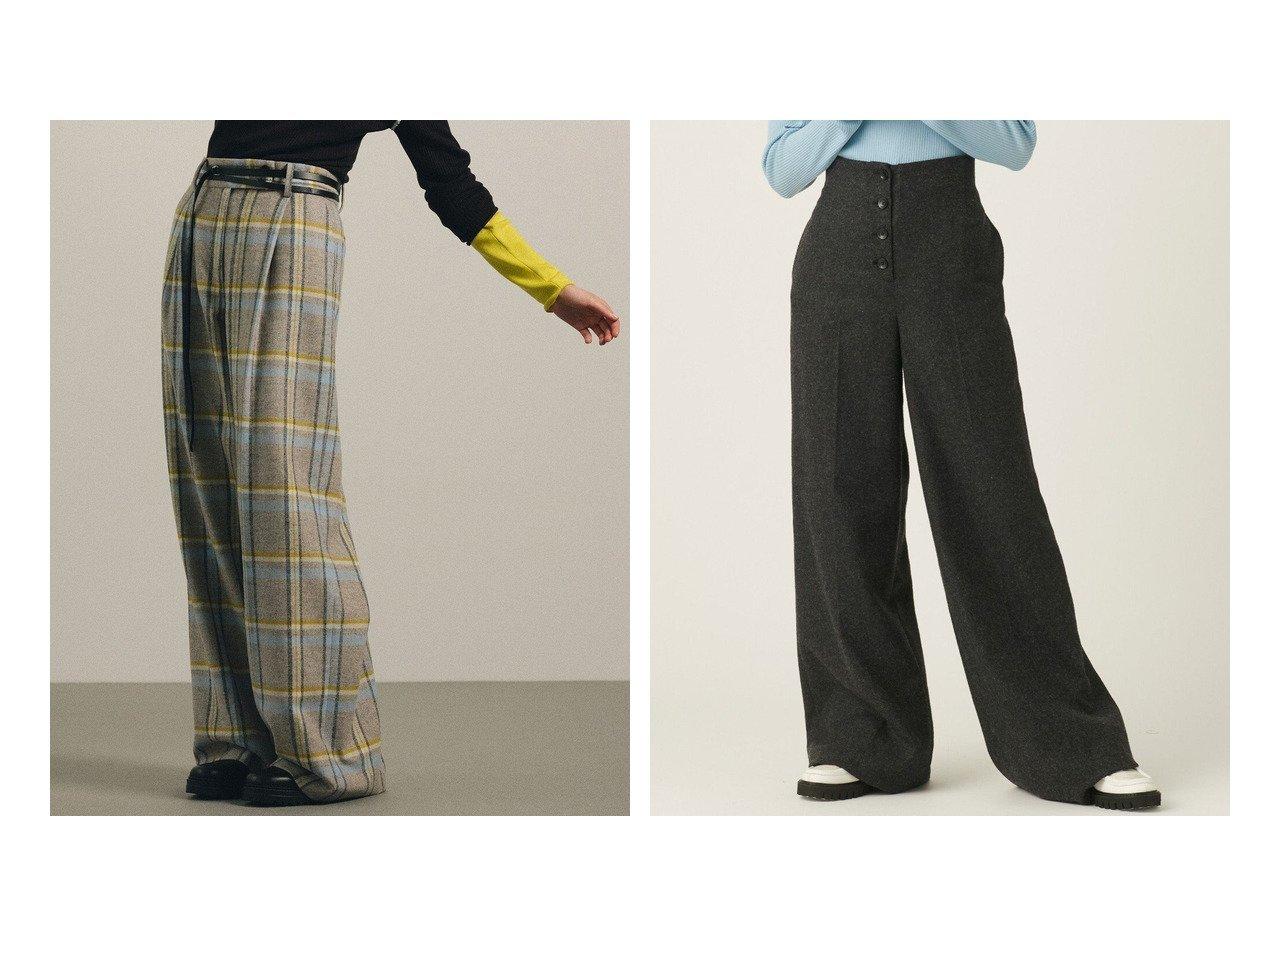 【JOSEPH STUDIO/ジョゼフ ストゥディオ】のタータンパターン ワイドパンツ&ソフトフランネル ワイドパンツ 【パンツ】おすすめ!人気、トレンド・レディースファッションの通販 おすすめで人気の流行・トレンド、ファッションの通販商品 インテリア・家具・メンズファッション・キッズファッション・レディースファッション・服の通販 founy(ファニー) https://founy.com/ ファッション Fashion レディースファッション WOMEN パンツ Pants インナー ジャケット ストレッチ スリット セットアップ セーター ダブル フィット ワイド 送料無料 Free Shipping おすすめ Recommend シンプル チェック |ID:crp329100000070077